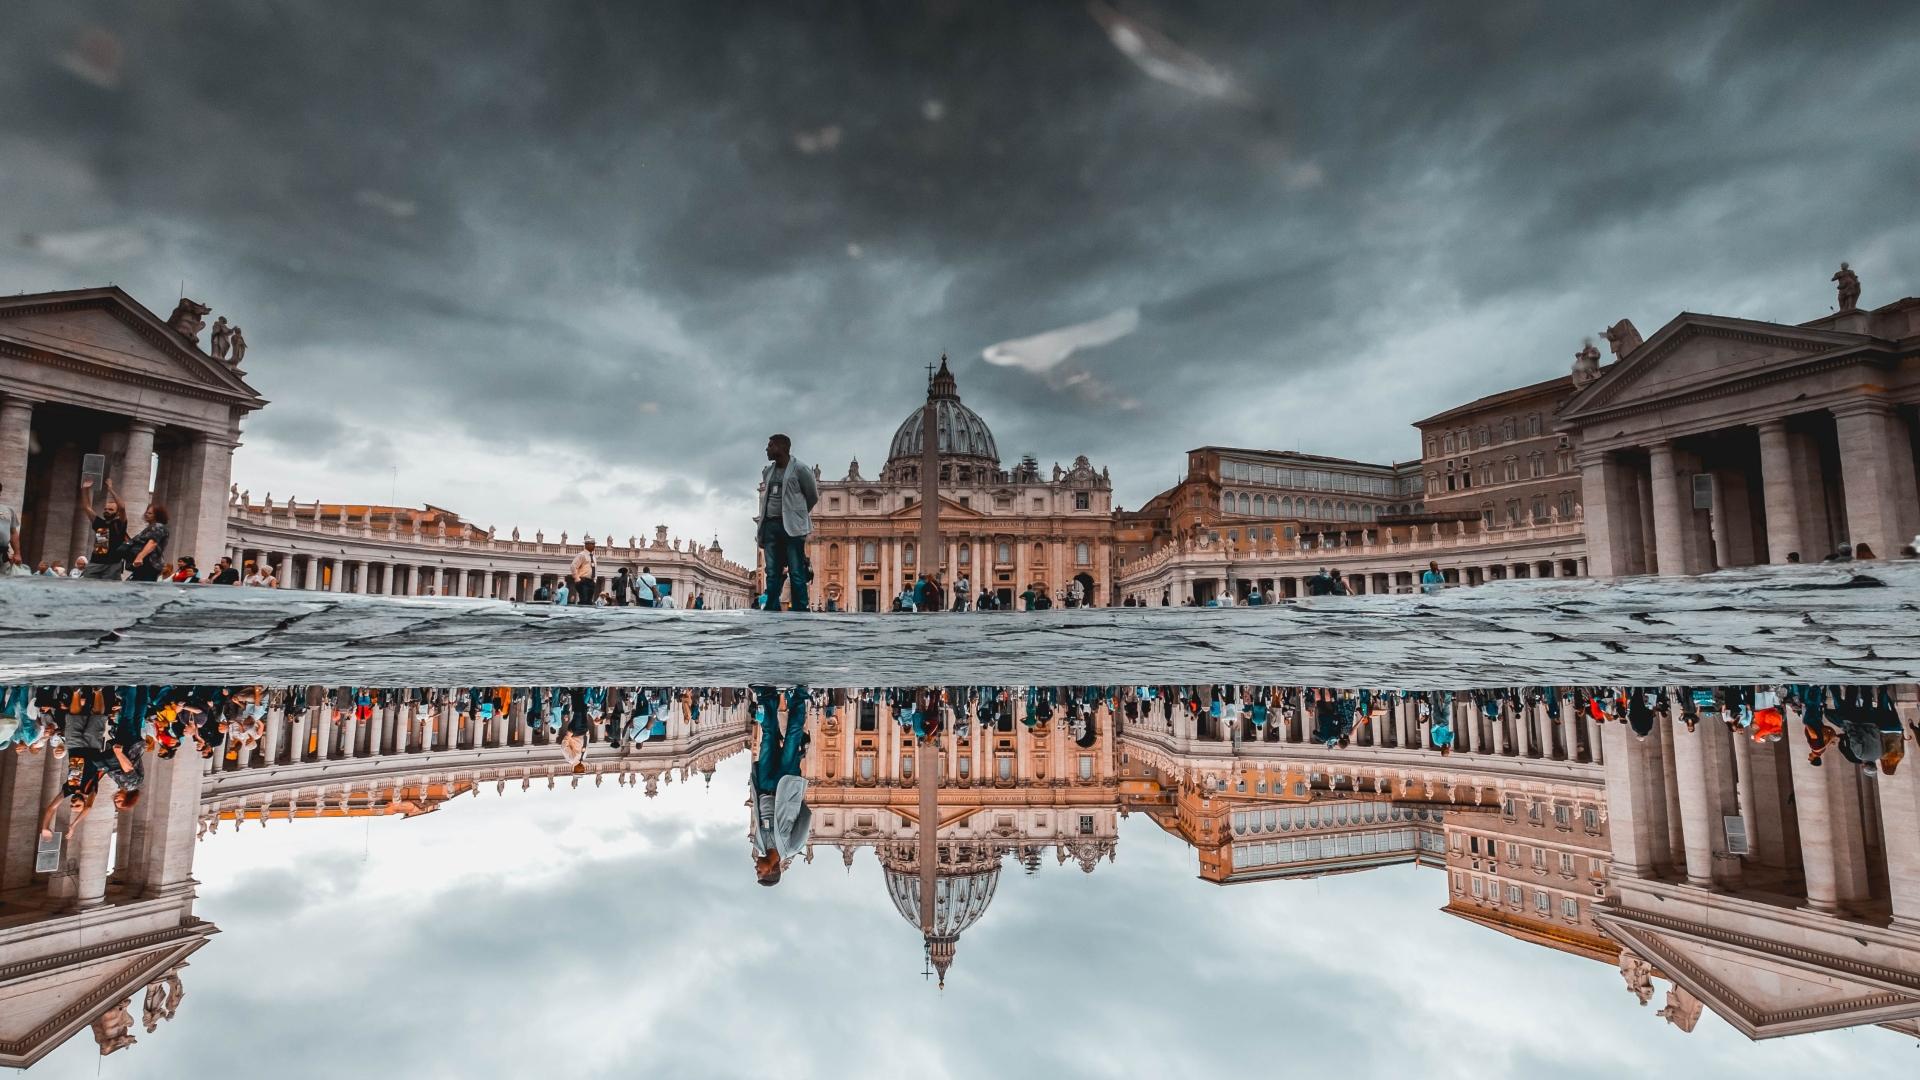 Ismerd meg a Vatikán botrányait